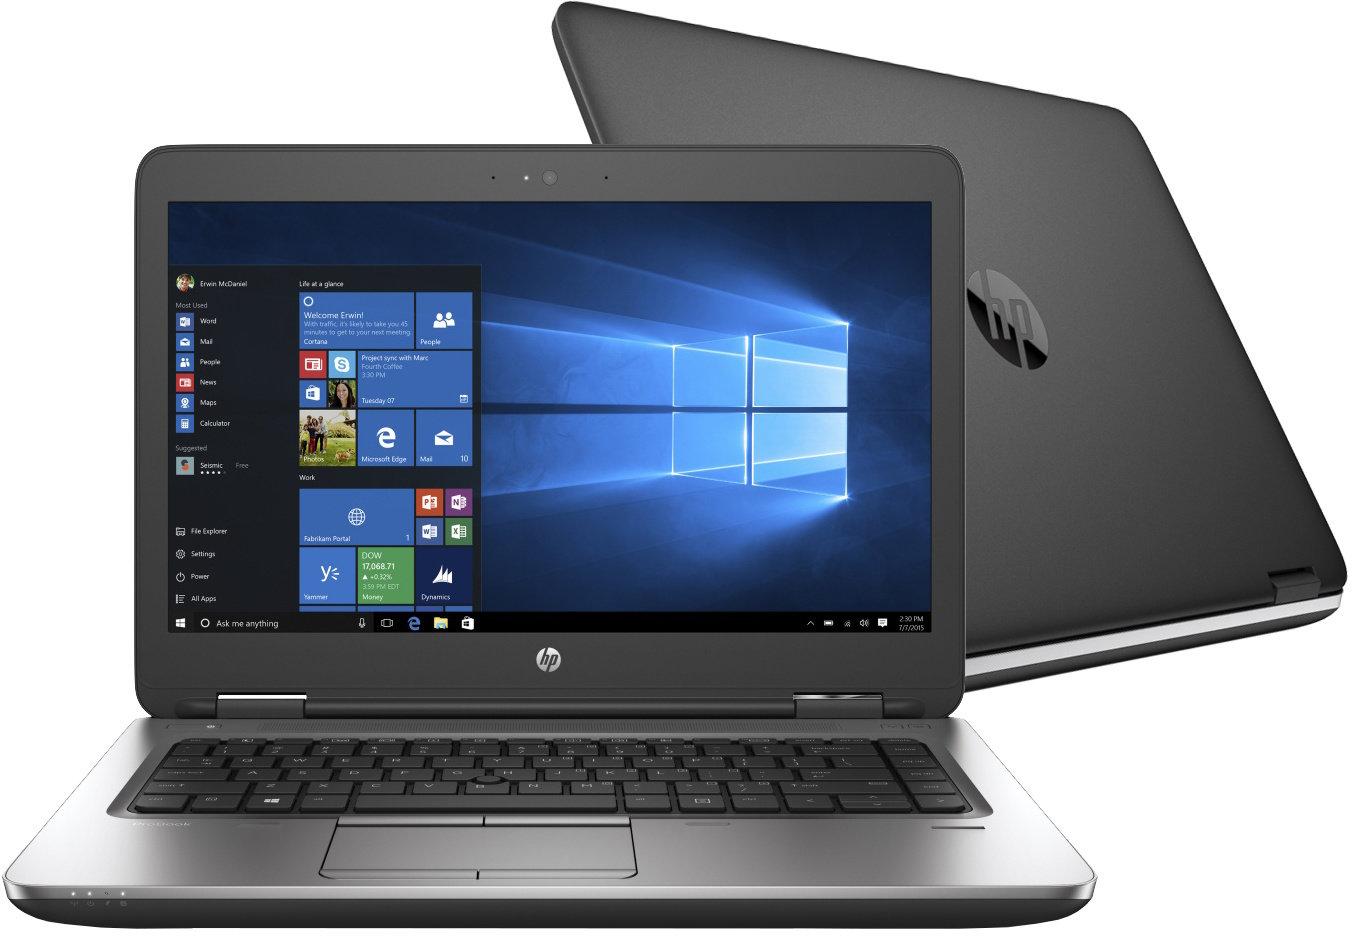 Hp ProBook 640 G2